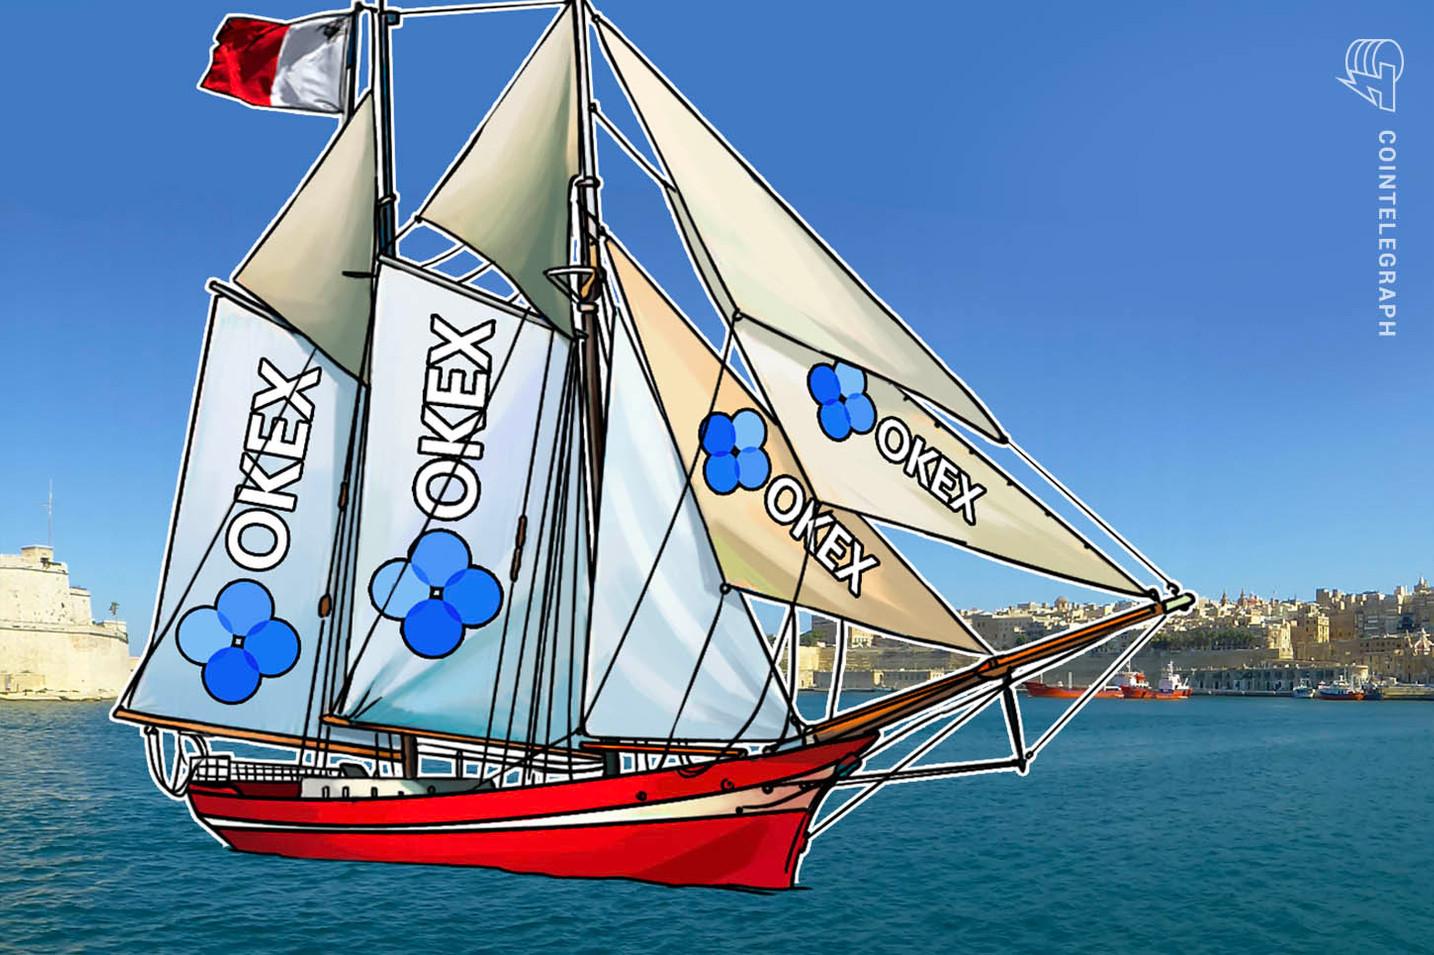 """ثاني أكبر بورصة عملات رقمية في العالم """"أوكي إكس"""" تنتقل إلى 'جزيرة بلوكتشين'.. مالطا"""